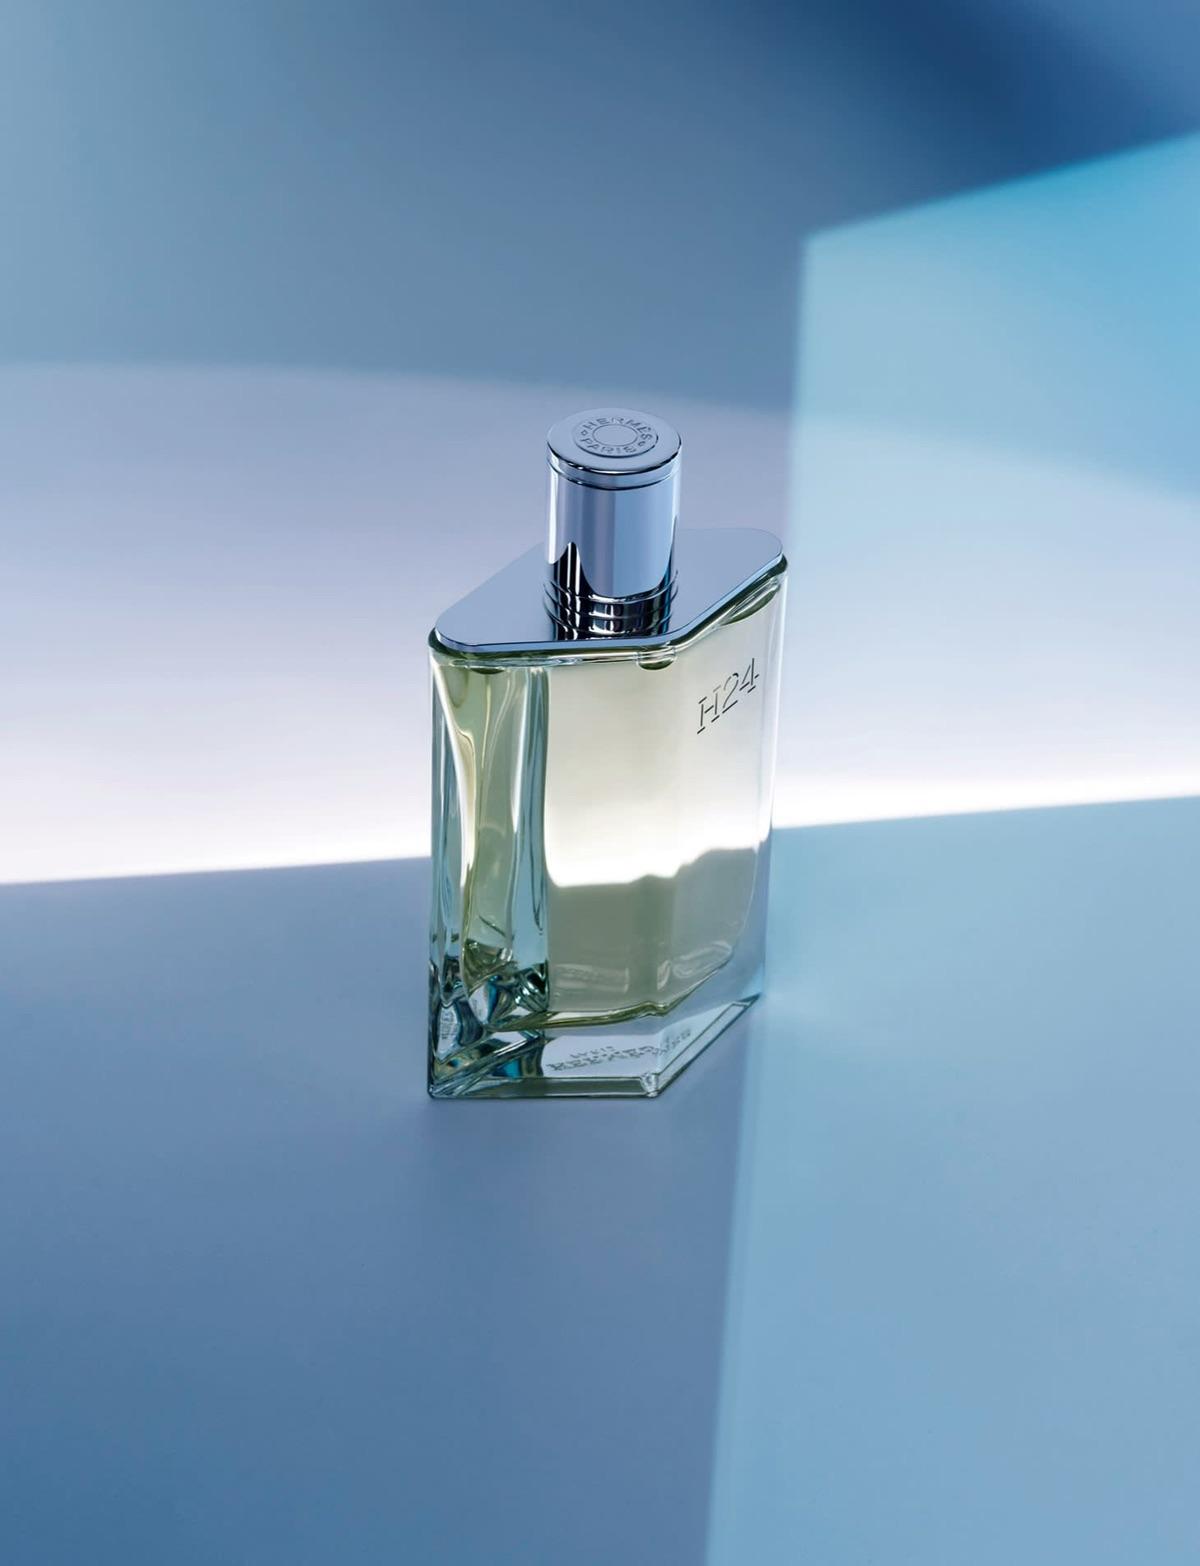 6年了🌚爱马仕终于推出了新款的男士香水H24